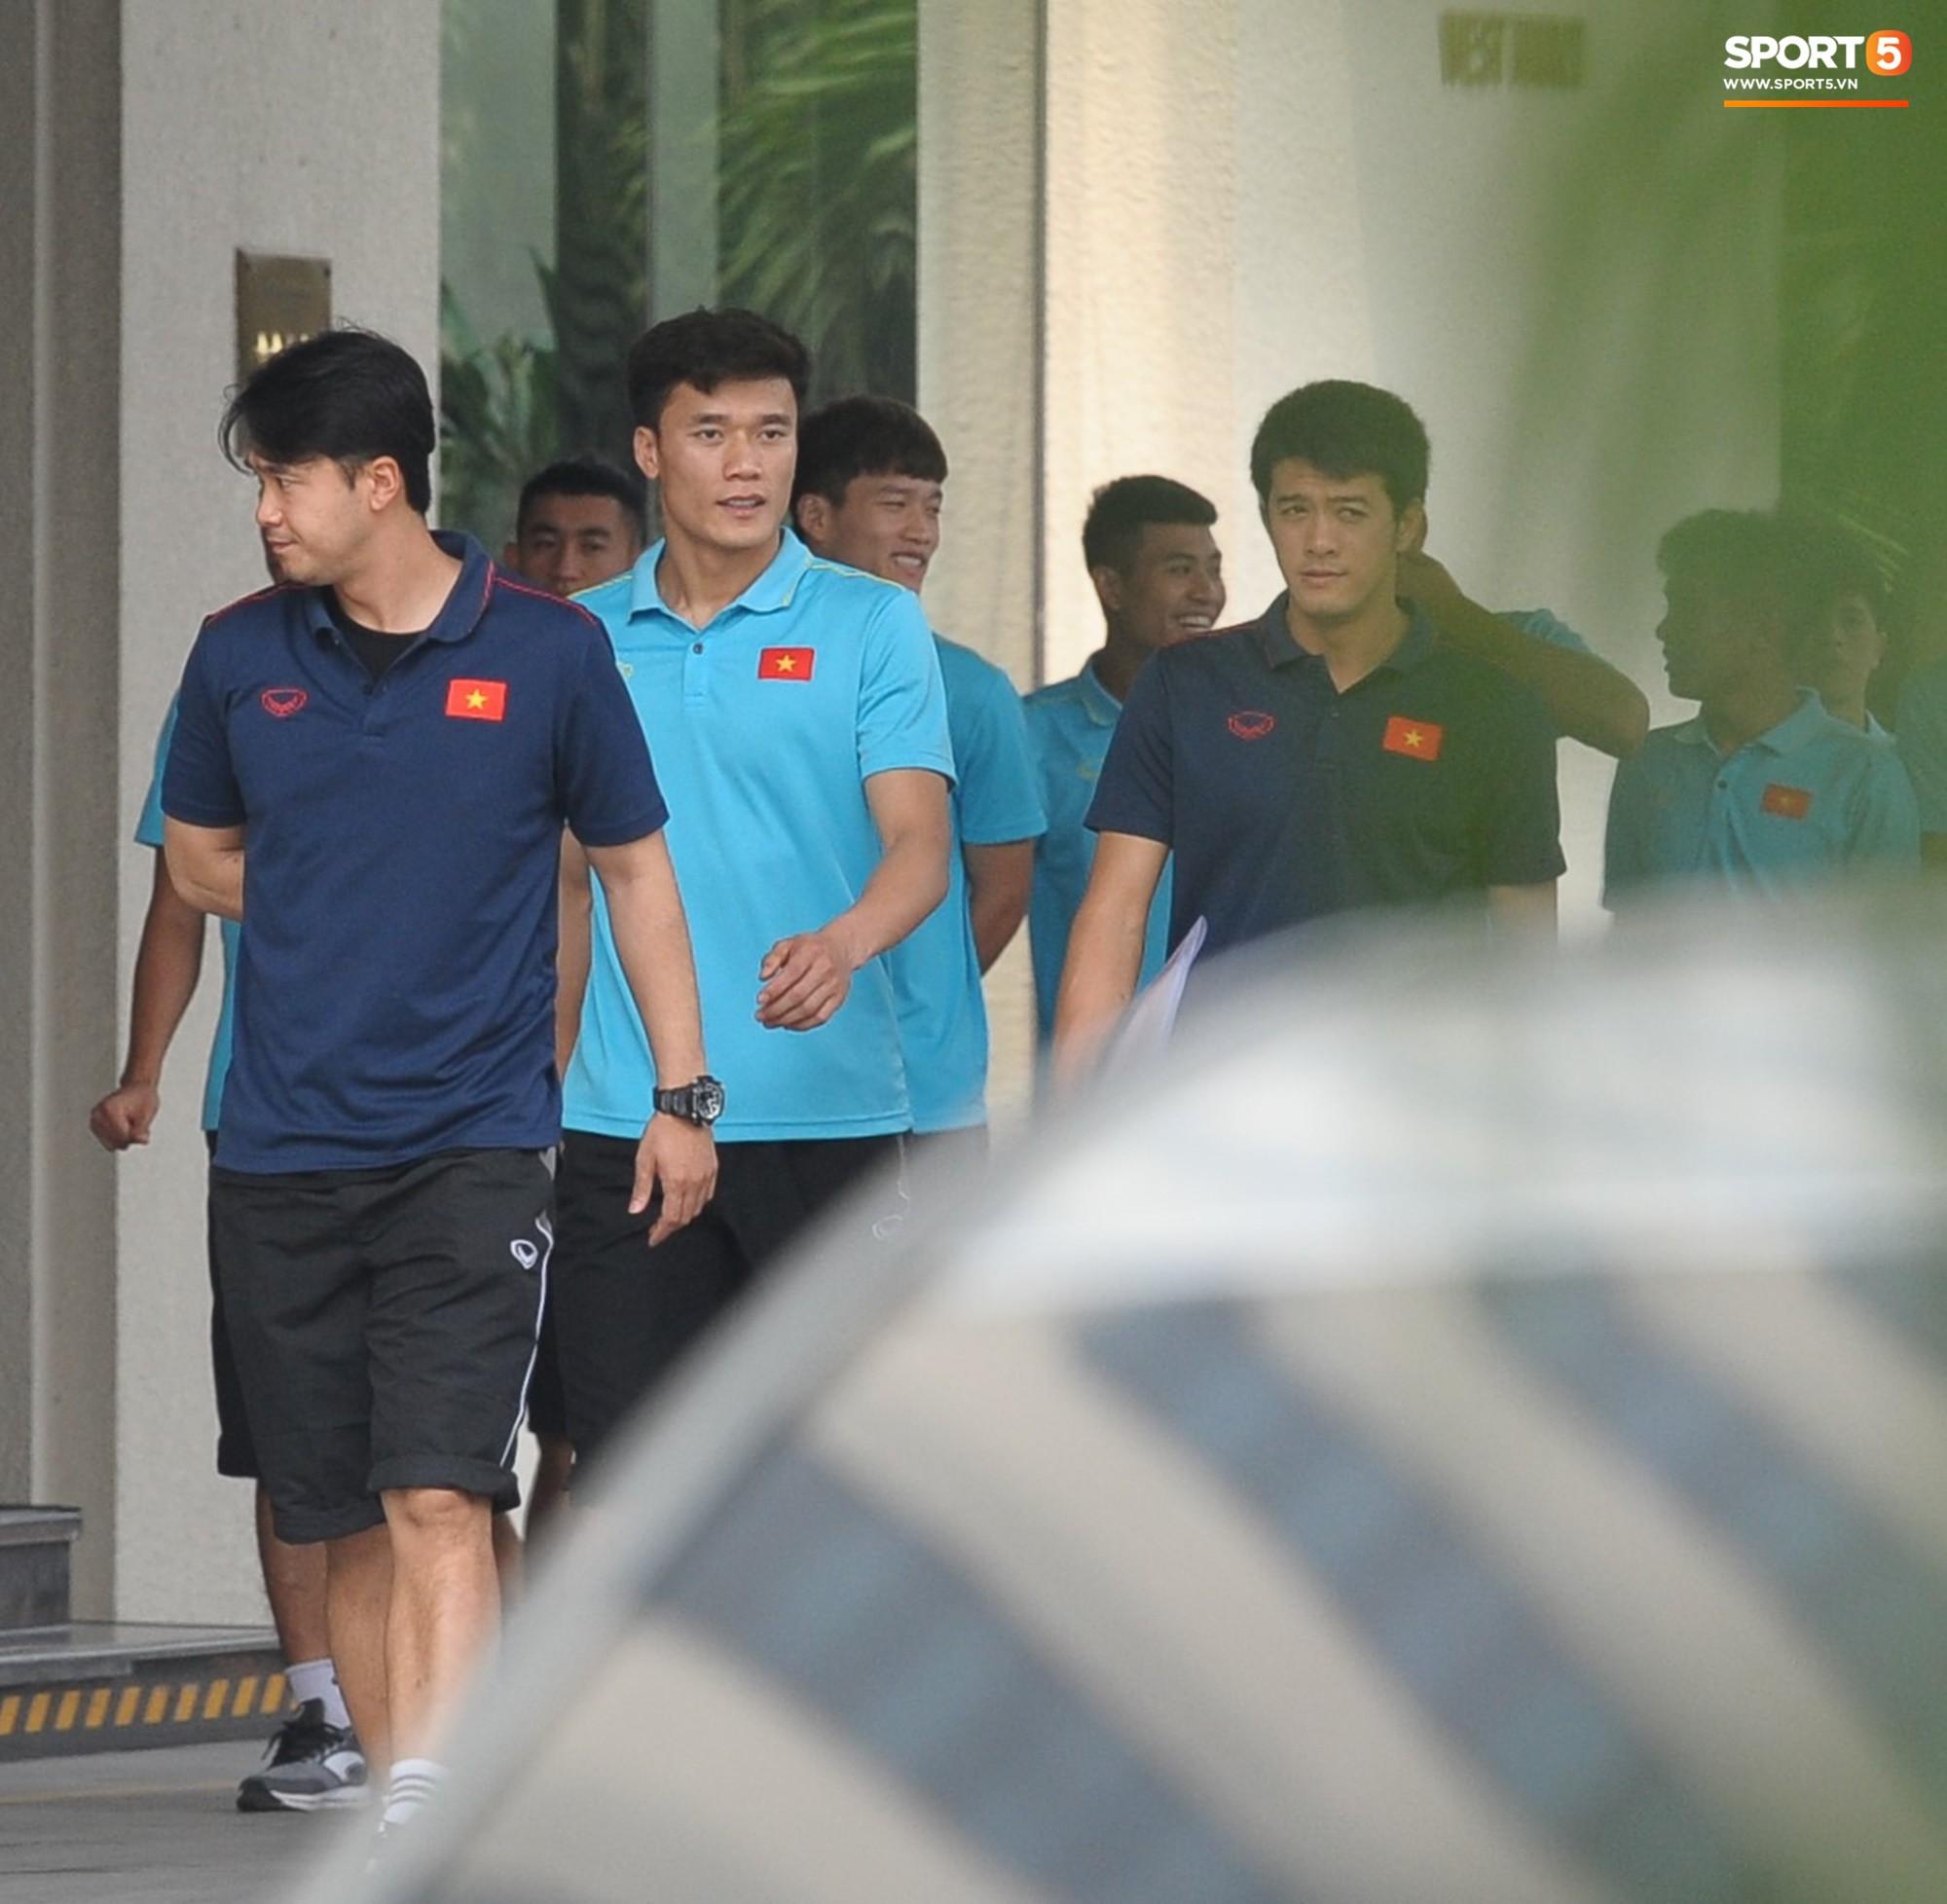 Quang Hải, Đình Trọng nhăn nhó khi đi bộ thể dục lúc 12h trưa-1